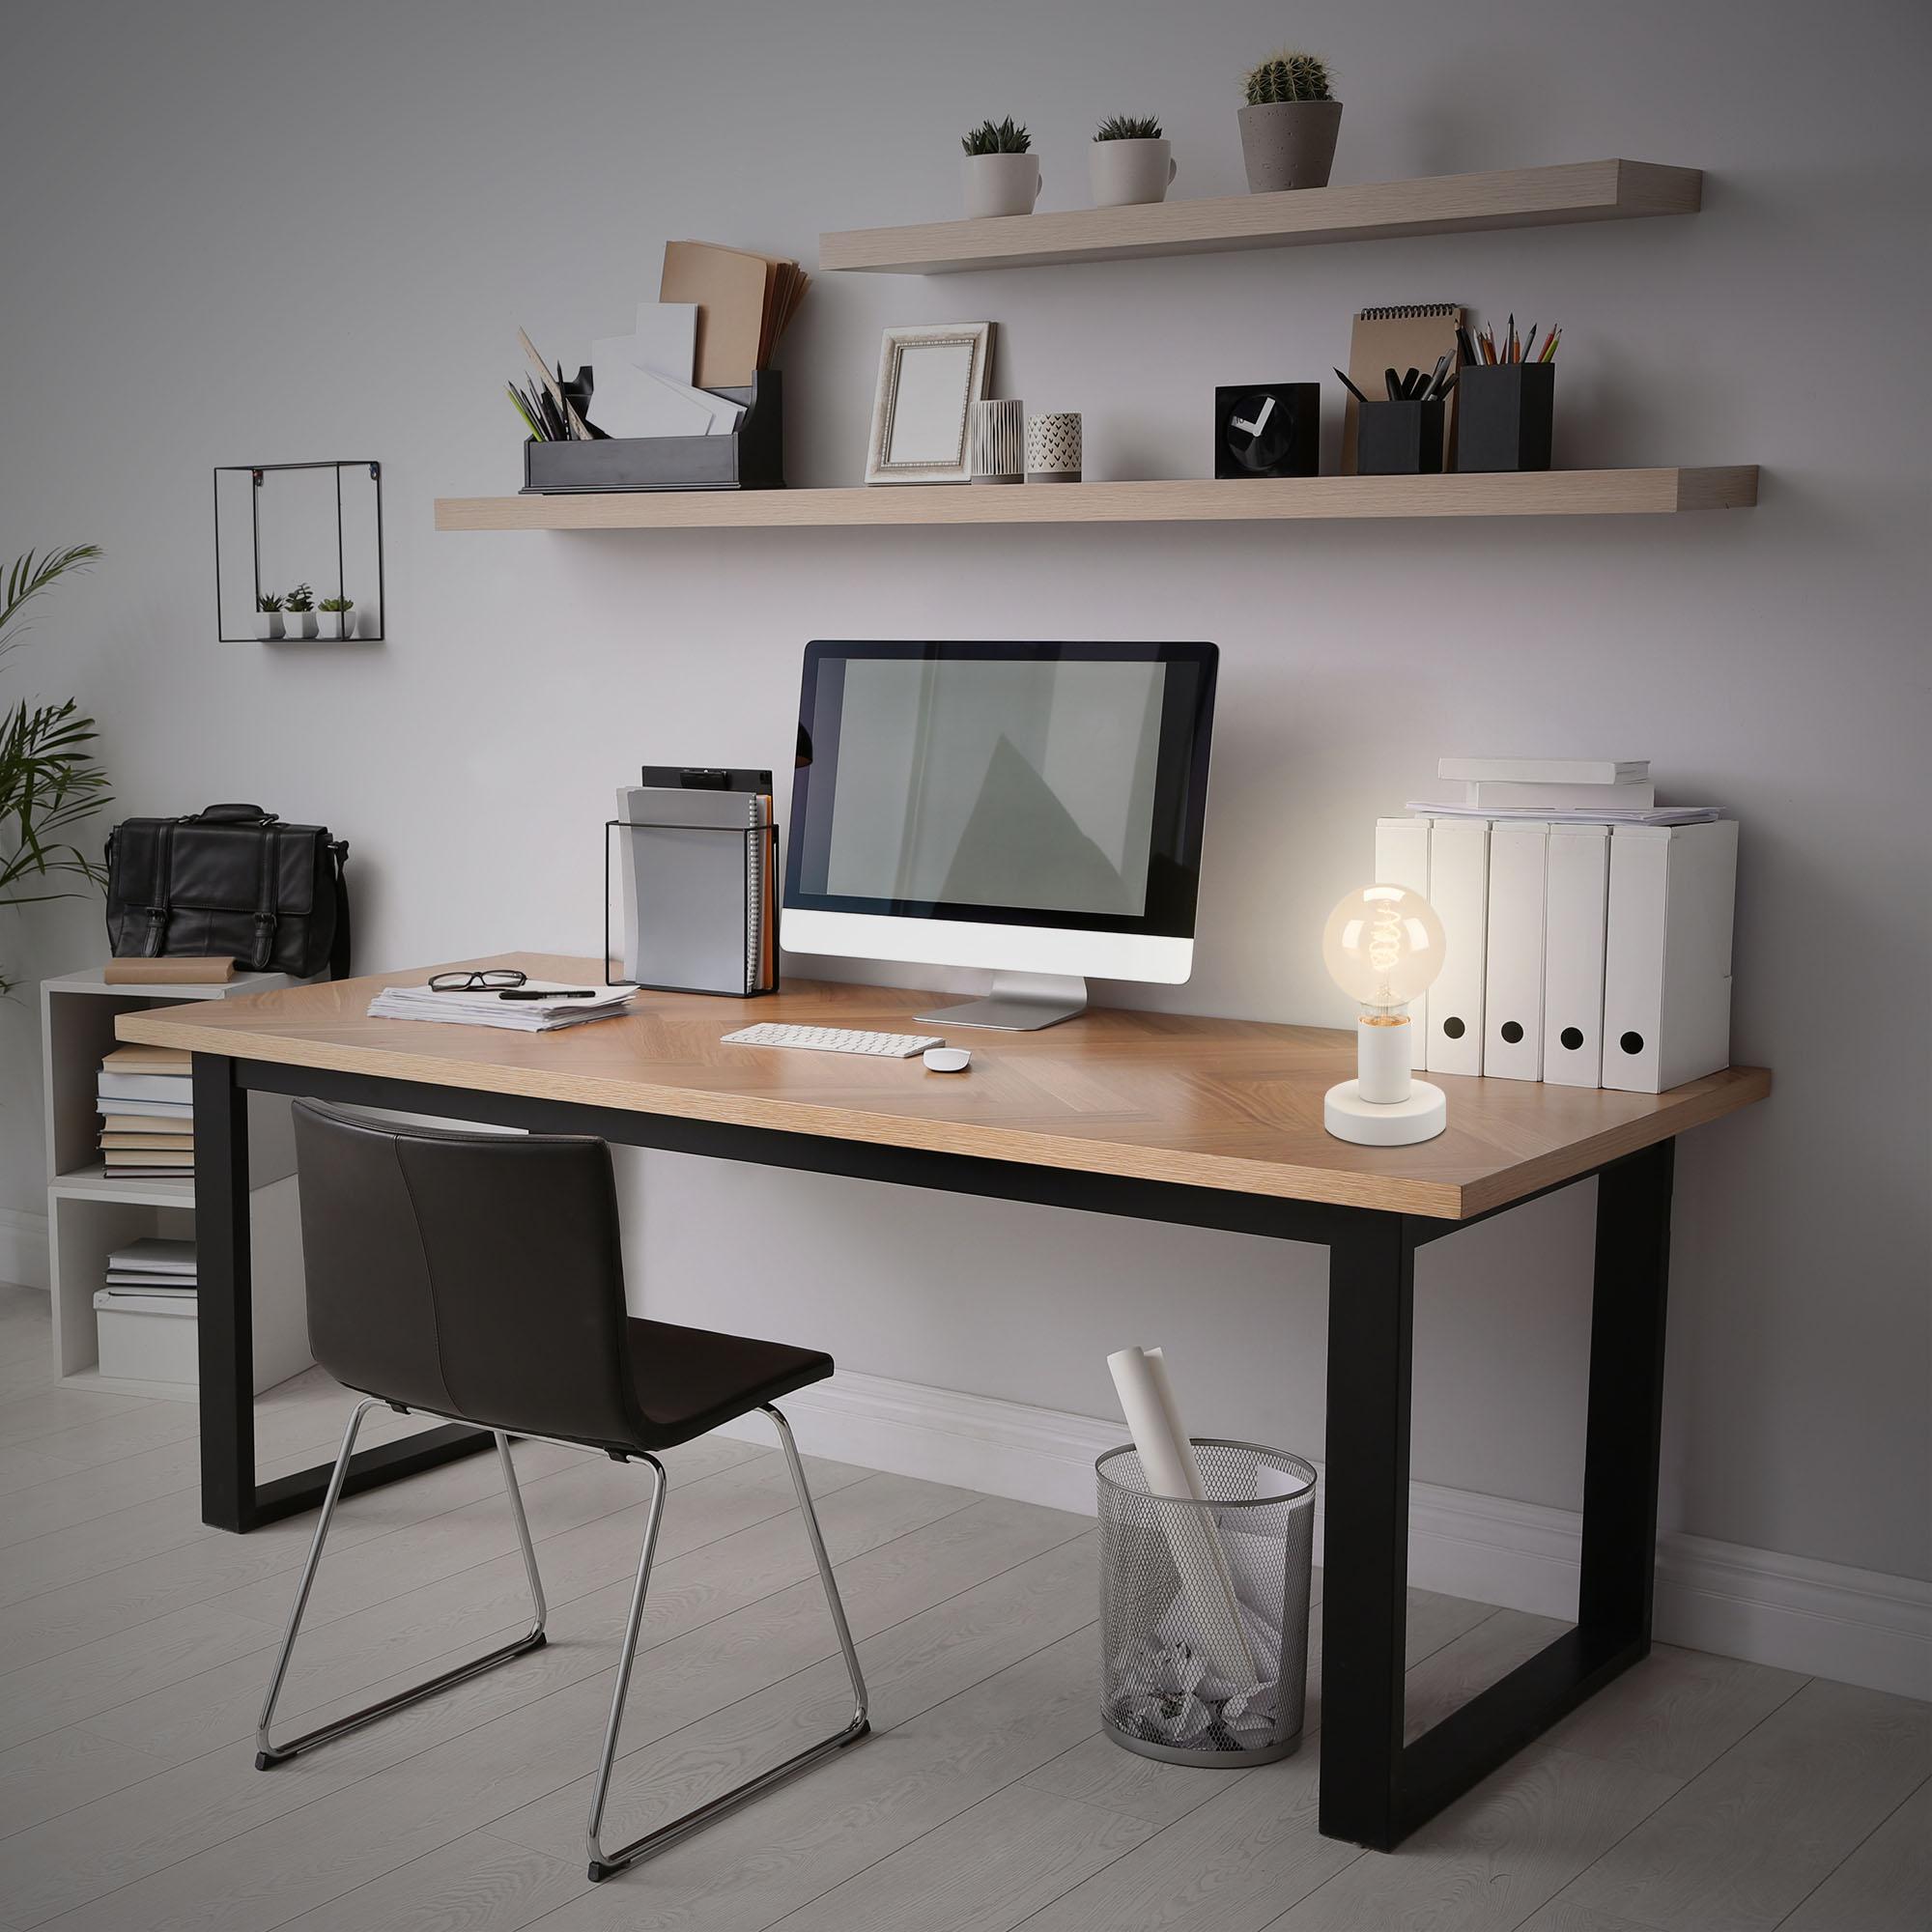 Tischleuchte, Ø 10 cm, max. 10 W, Weiß